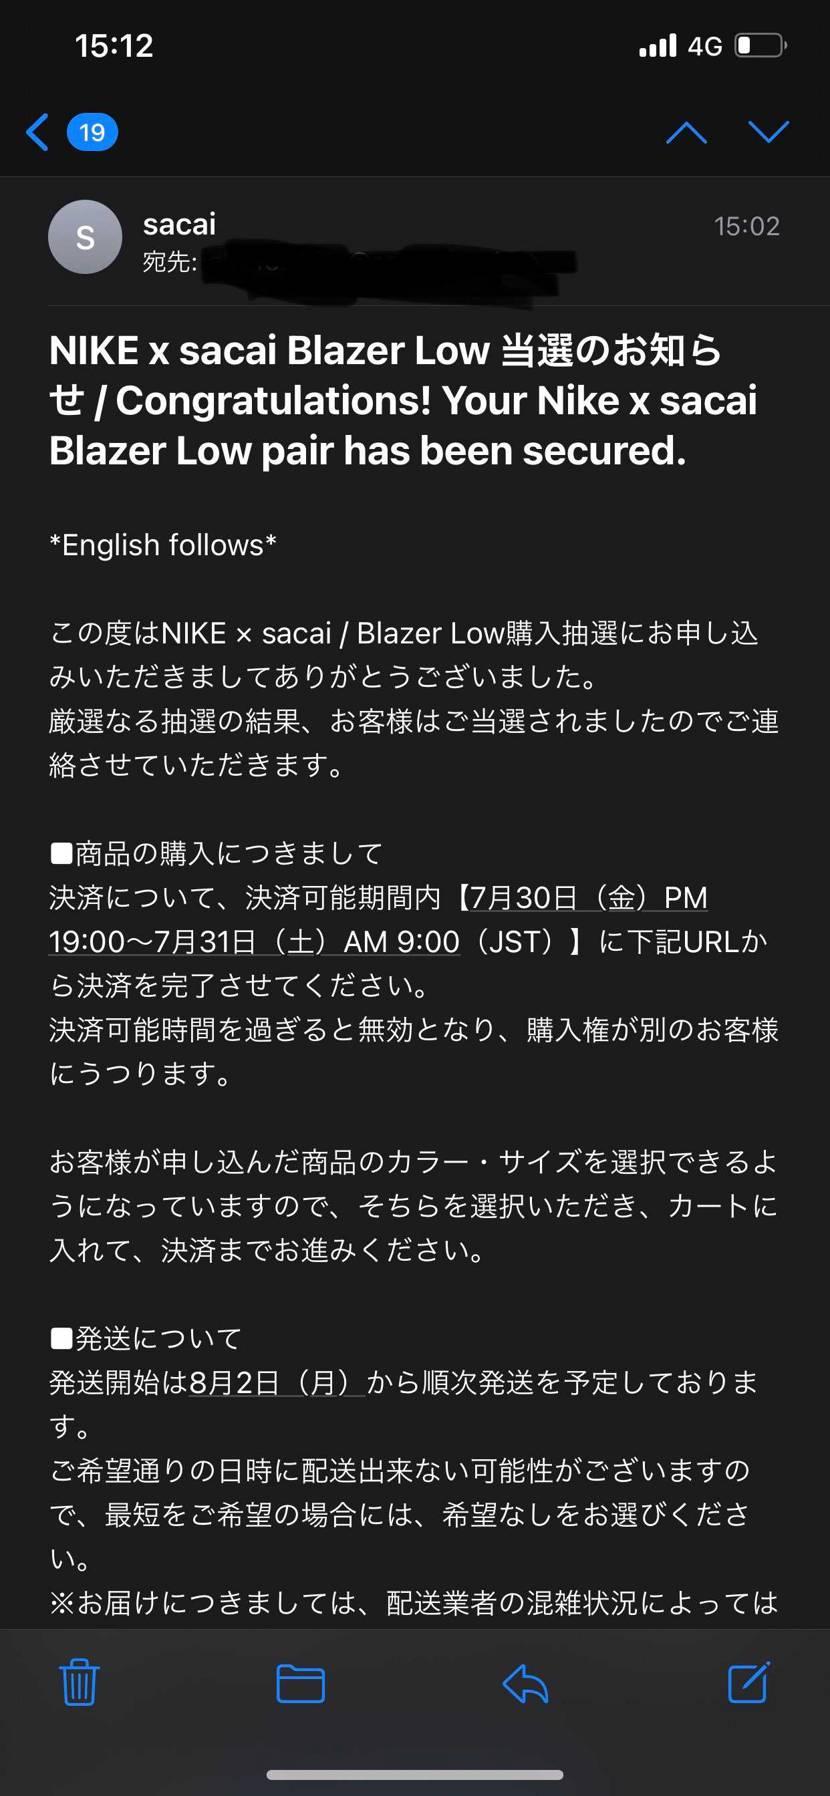 再抽選当選しました〜!!!